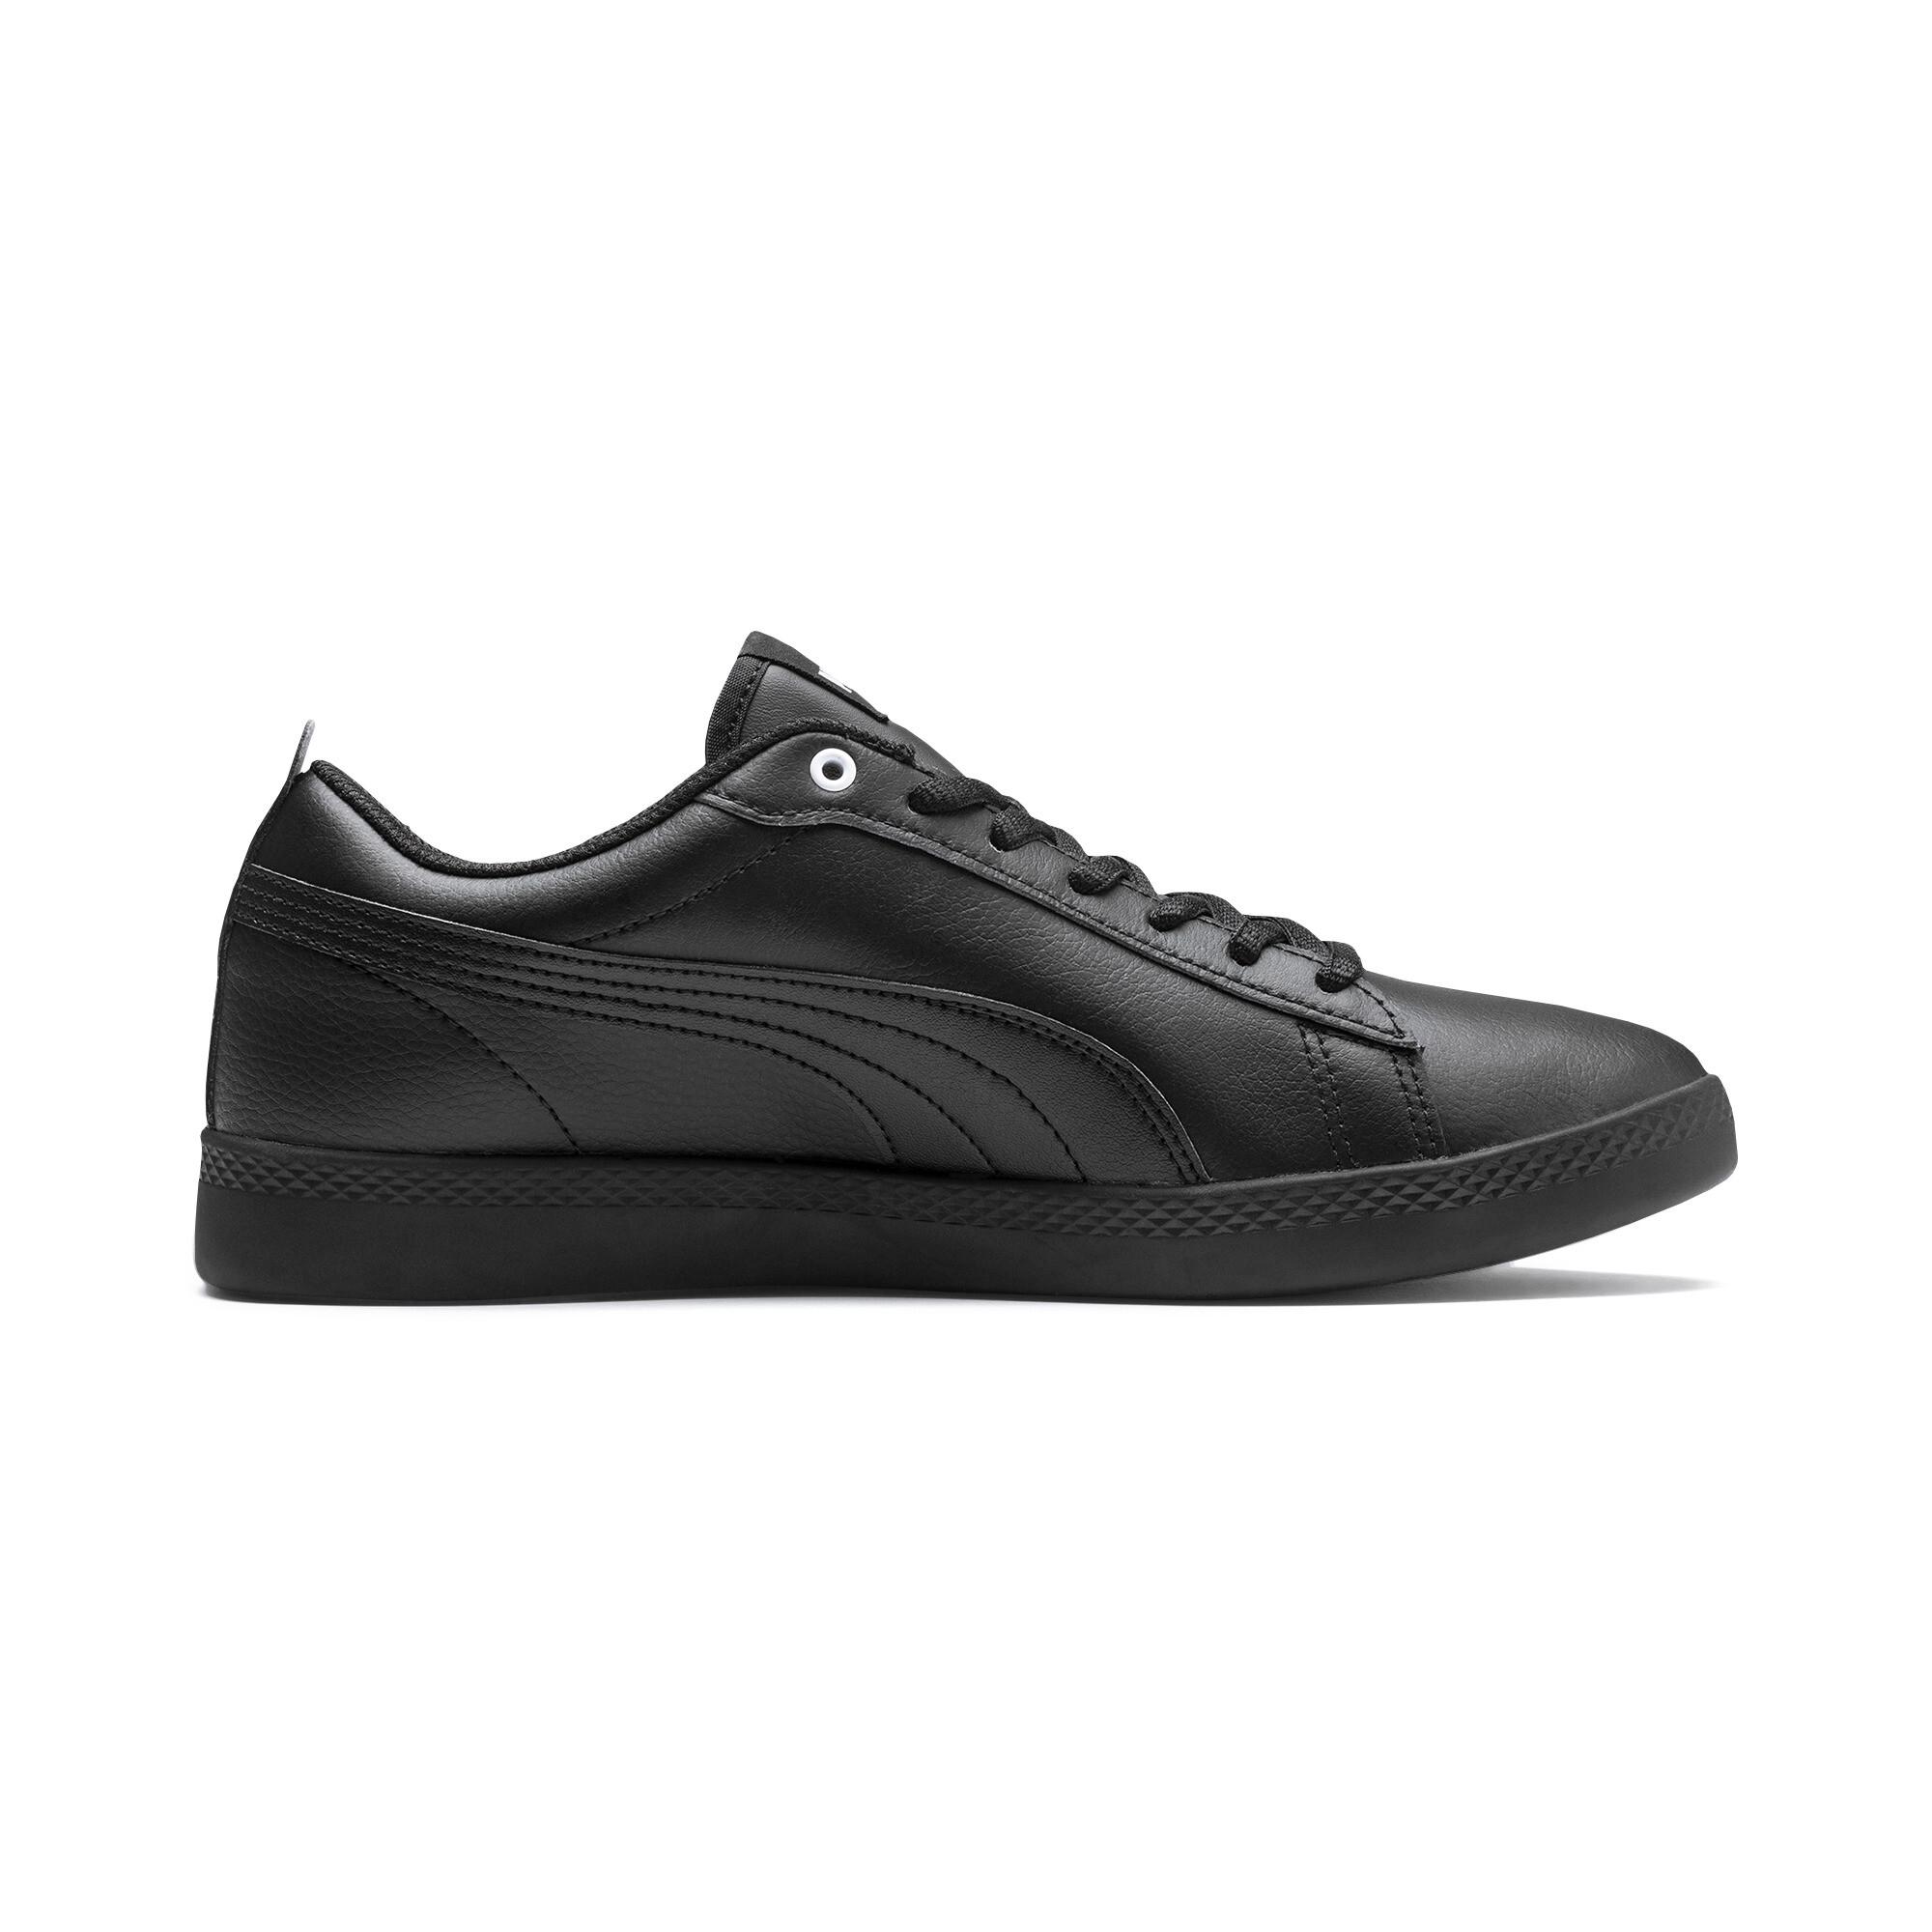 thumbnail 8 - PUMA-Women-039-s-Smash-v2-Leather-Sneakers